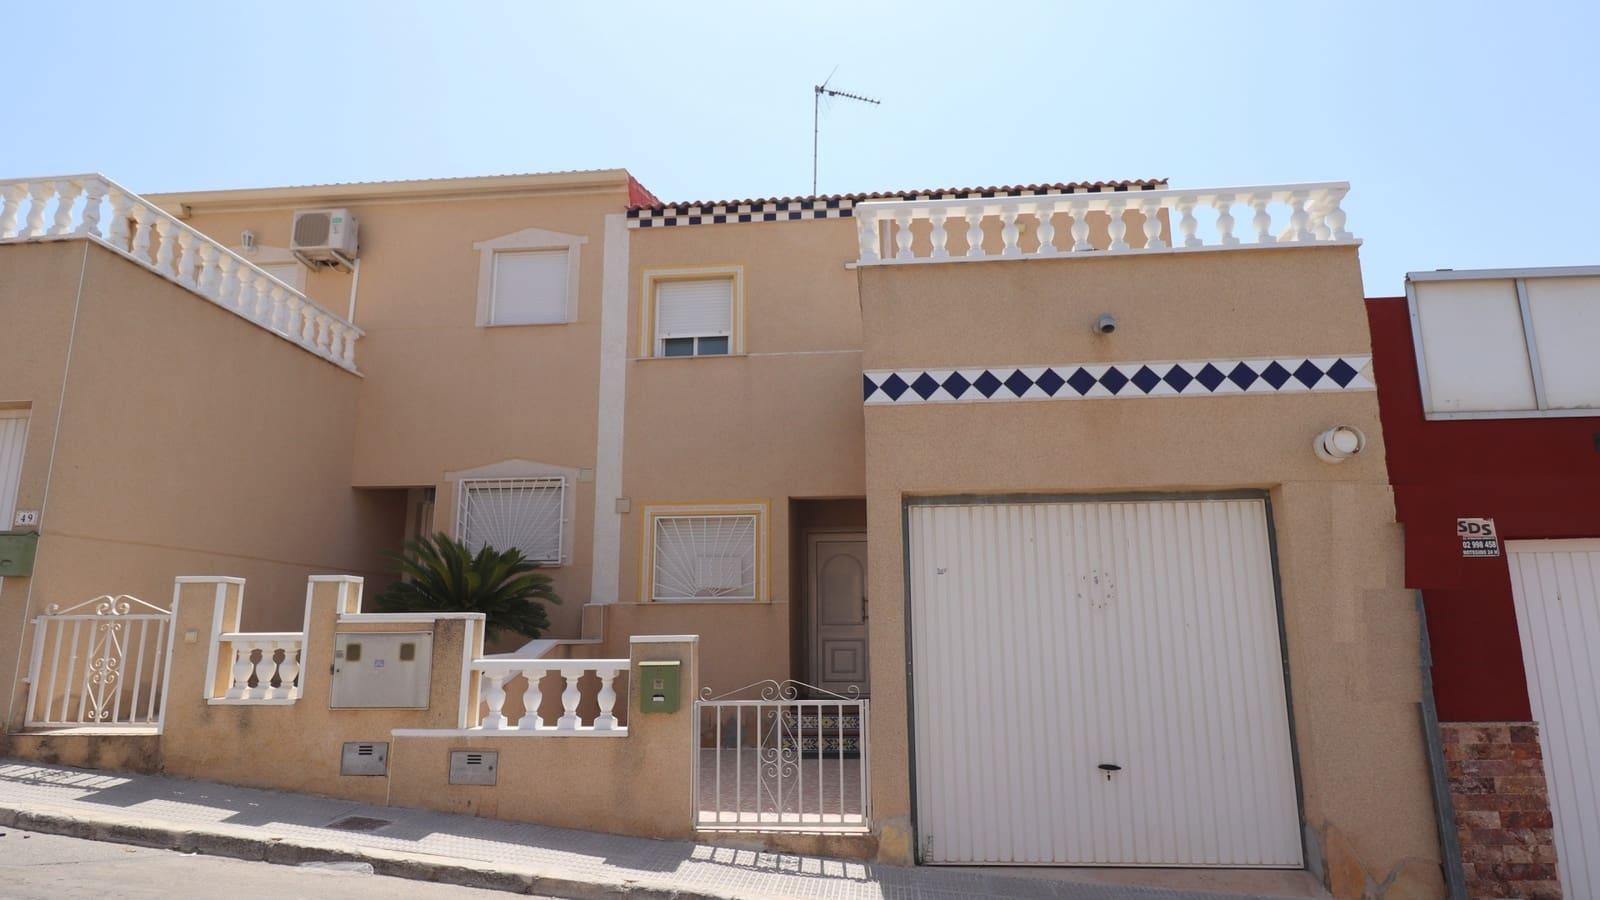 Casa de 3 habitaciones en Benijófar en venta con garaje - 139.950 € (Ref: 5054118)